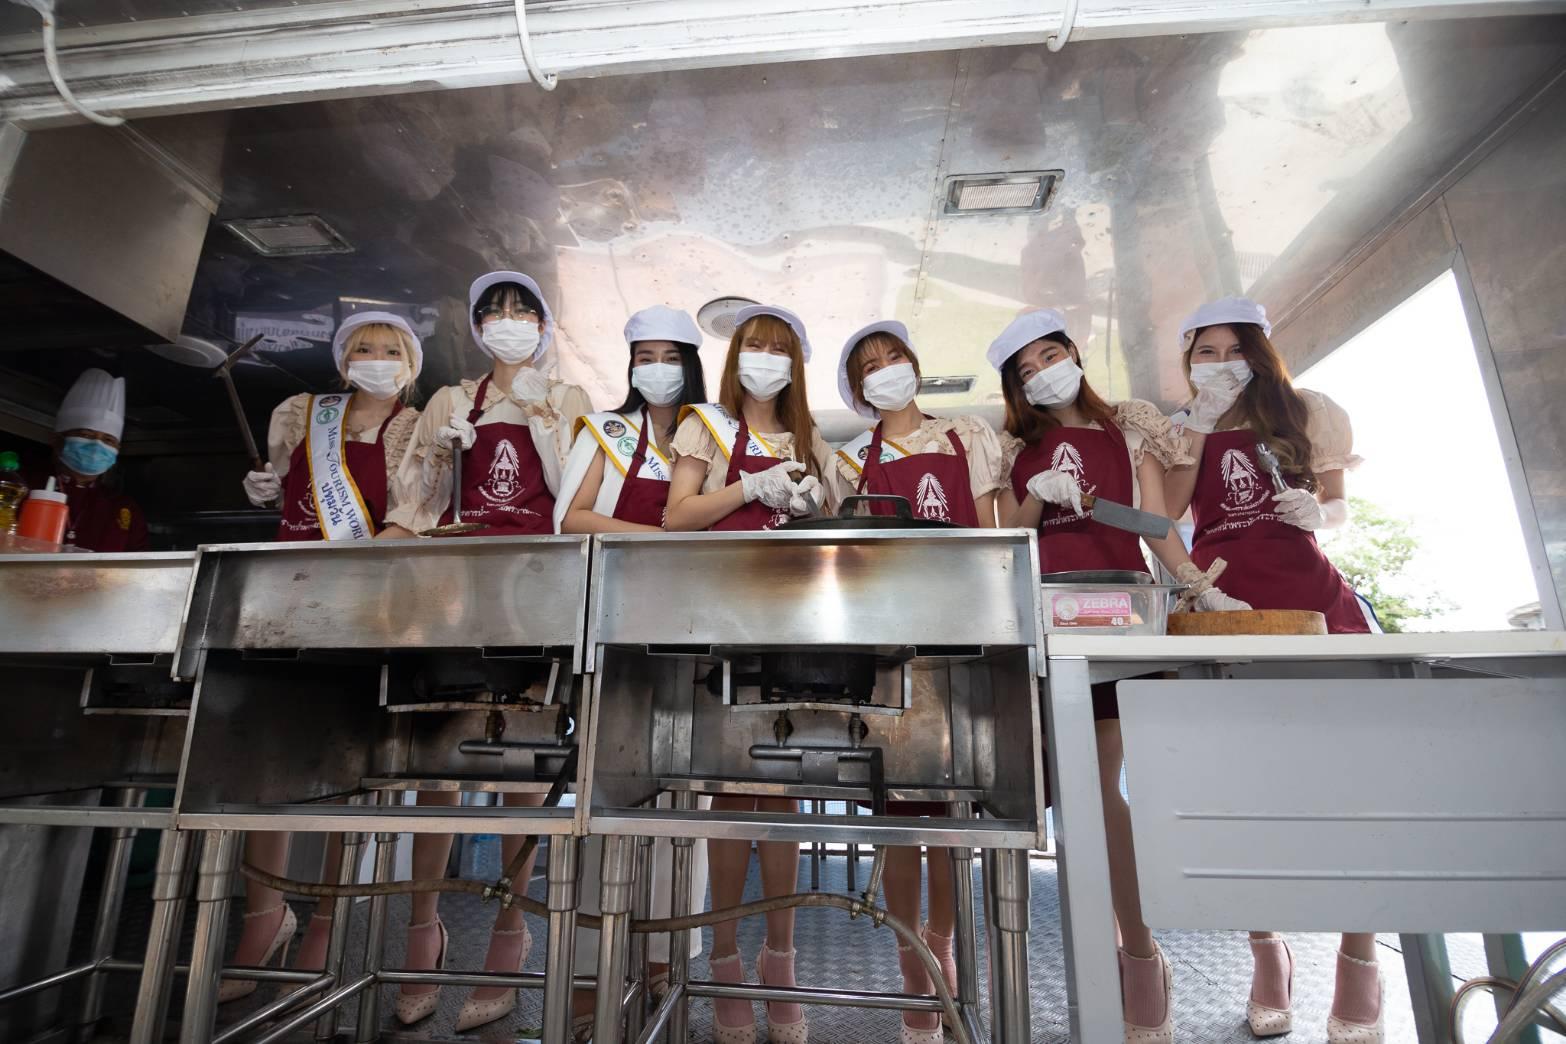 アイドルらがタイ社会福祉協議会のプロジェクトをPR